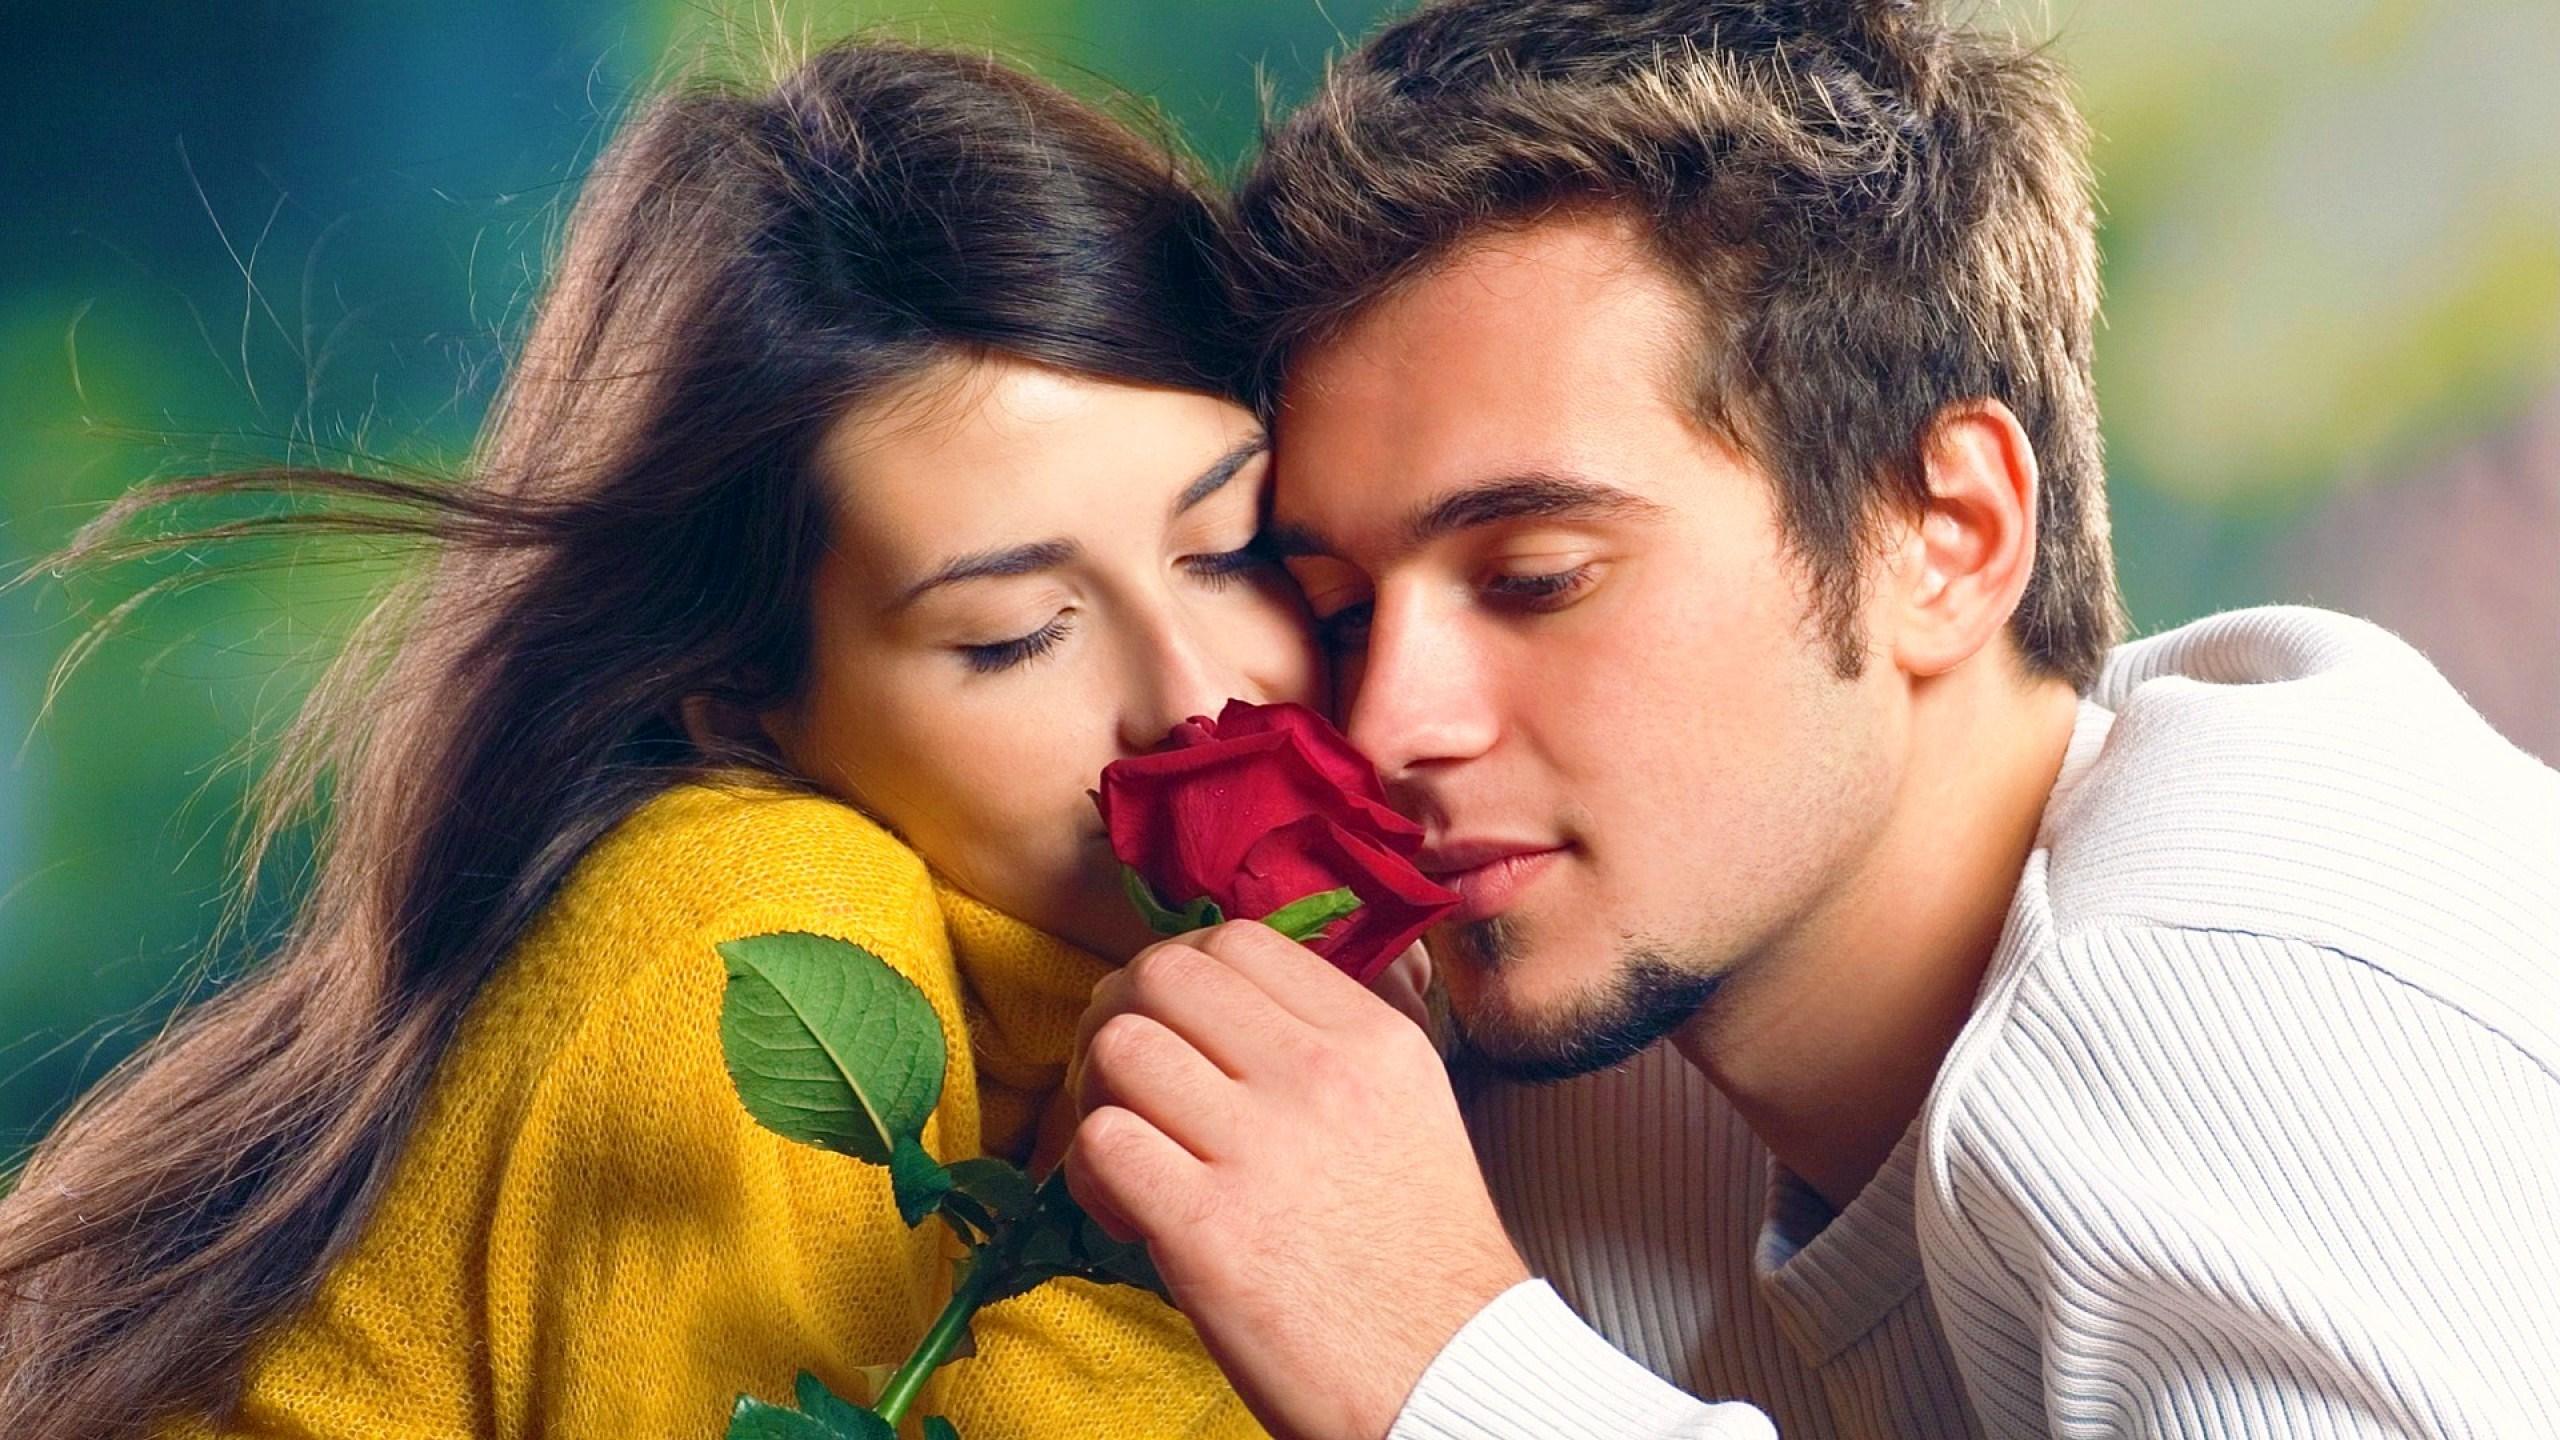 Чи потрібні романтики 7 фотография